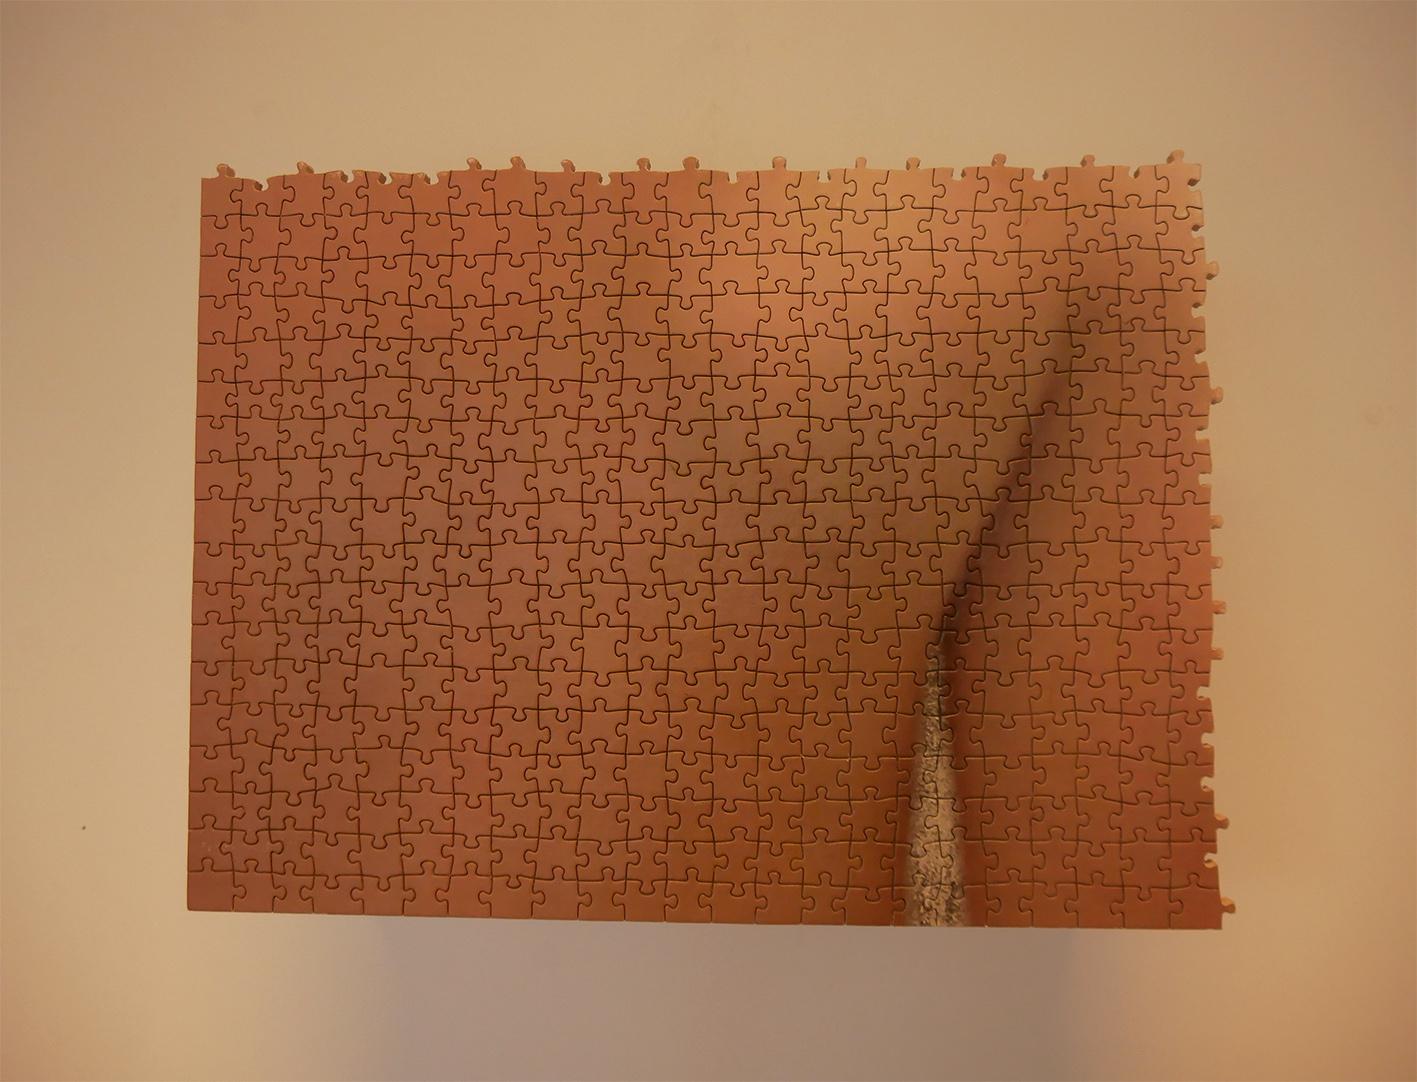 de chair et de pixel d'image faceproche